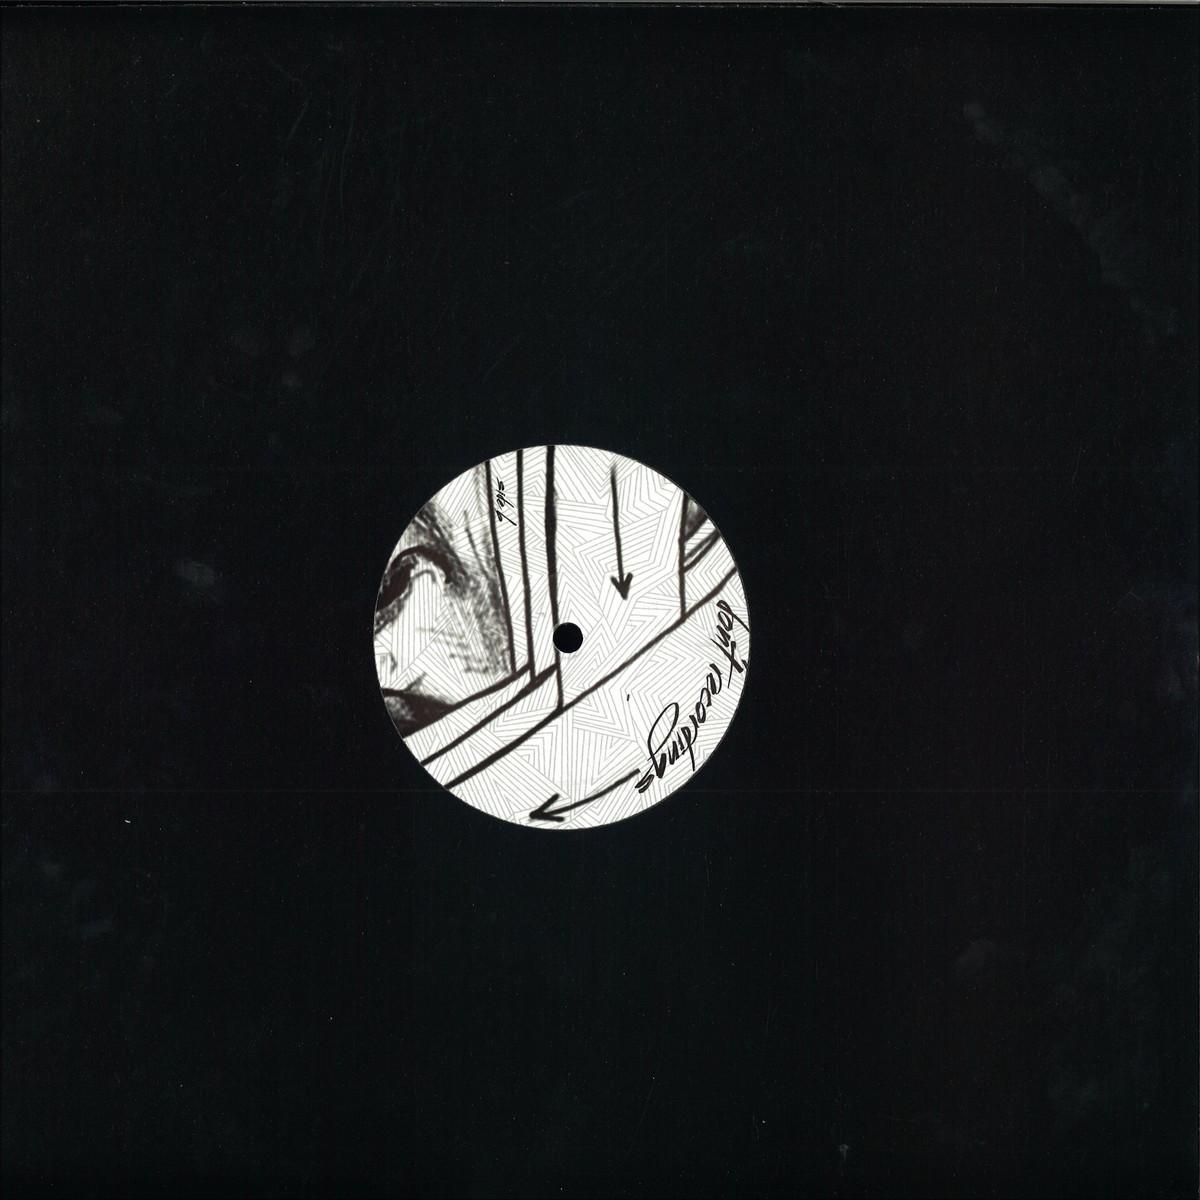 deejay de - Don't Recordings